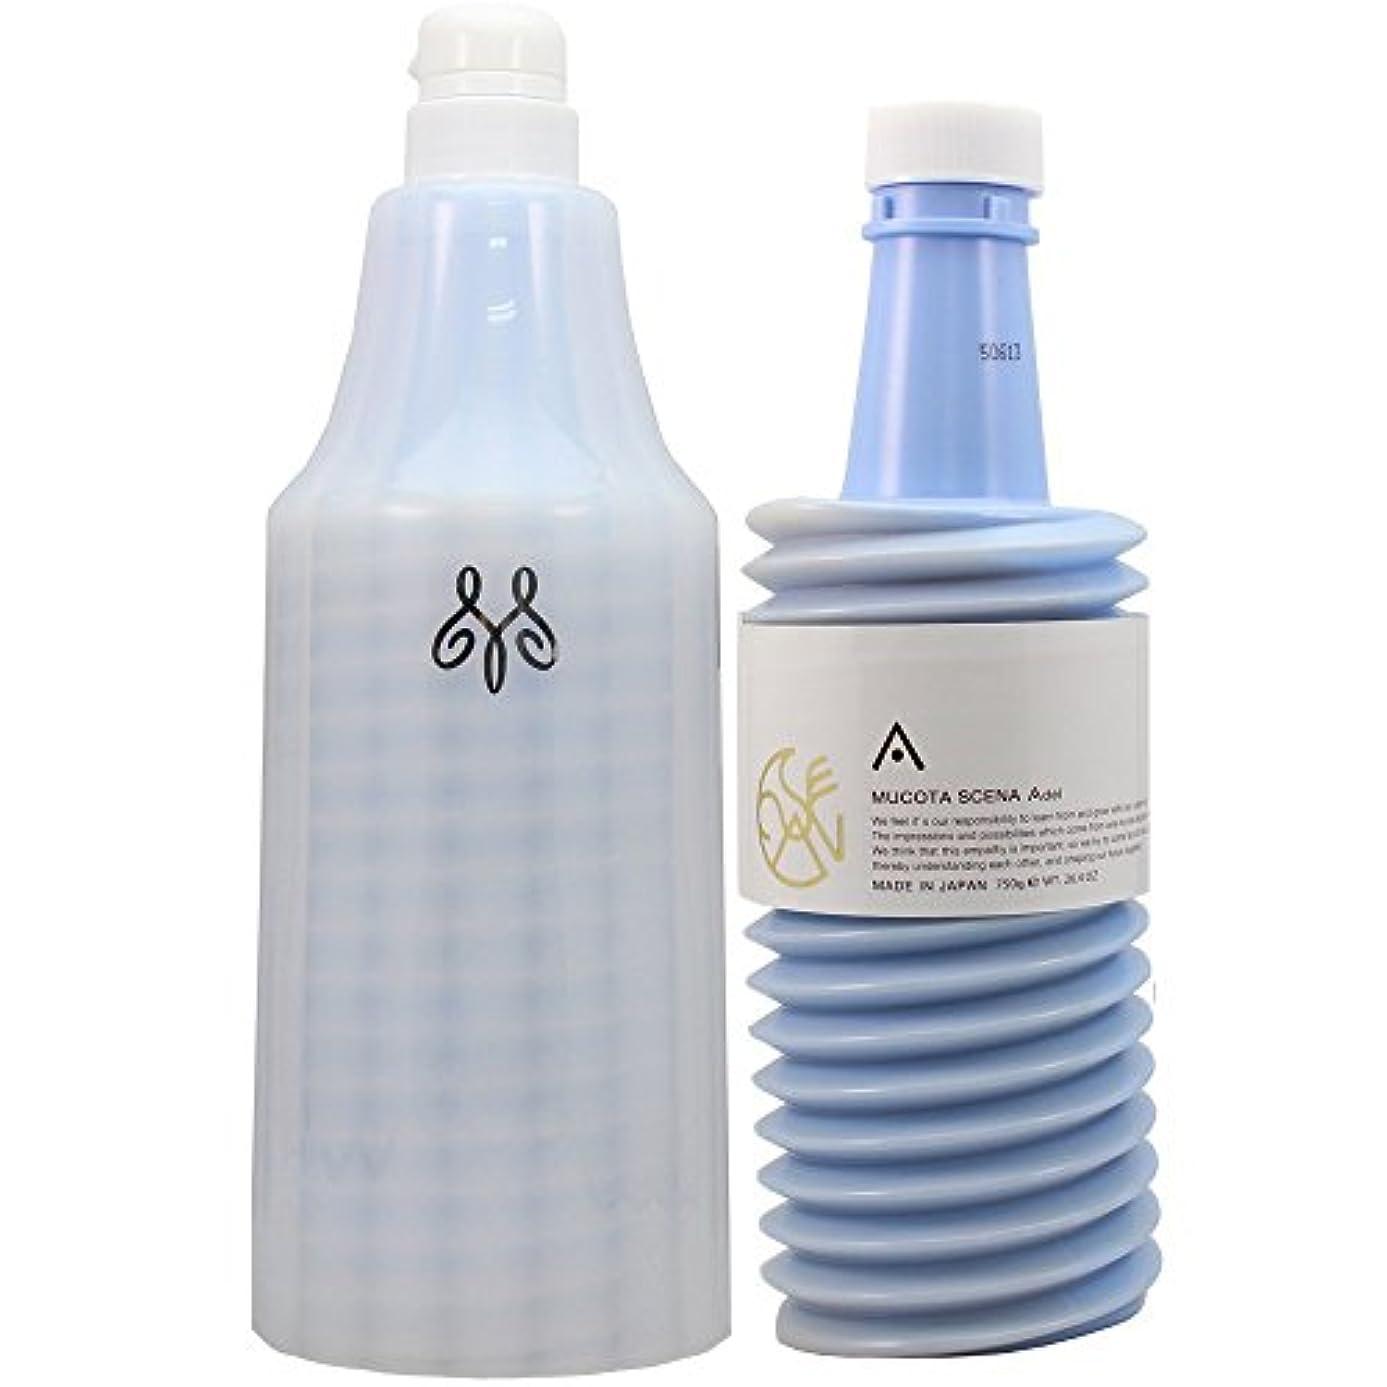 乳剤小さいエリートムコタ シェーナ アーデル 容器セット 750g